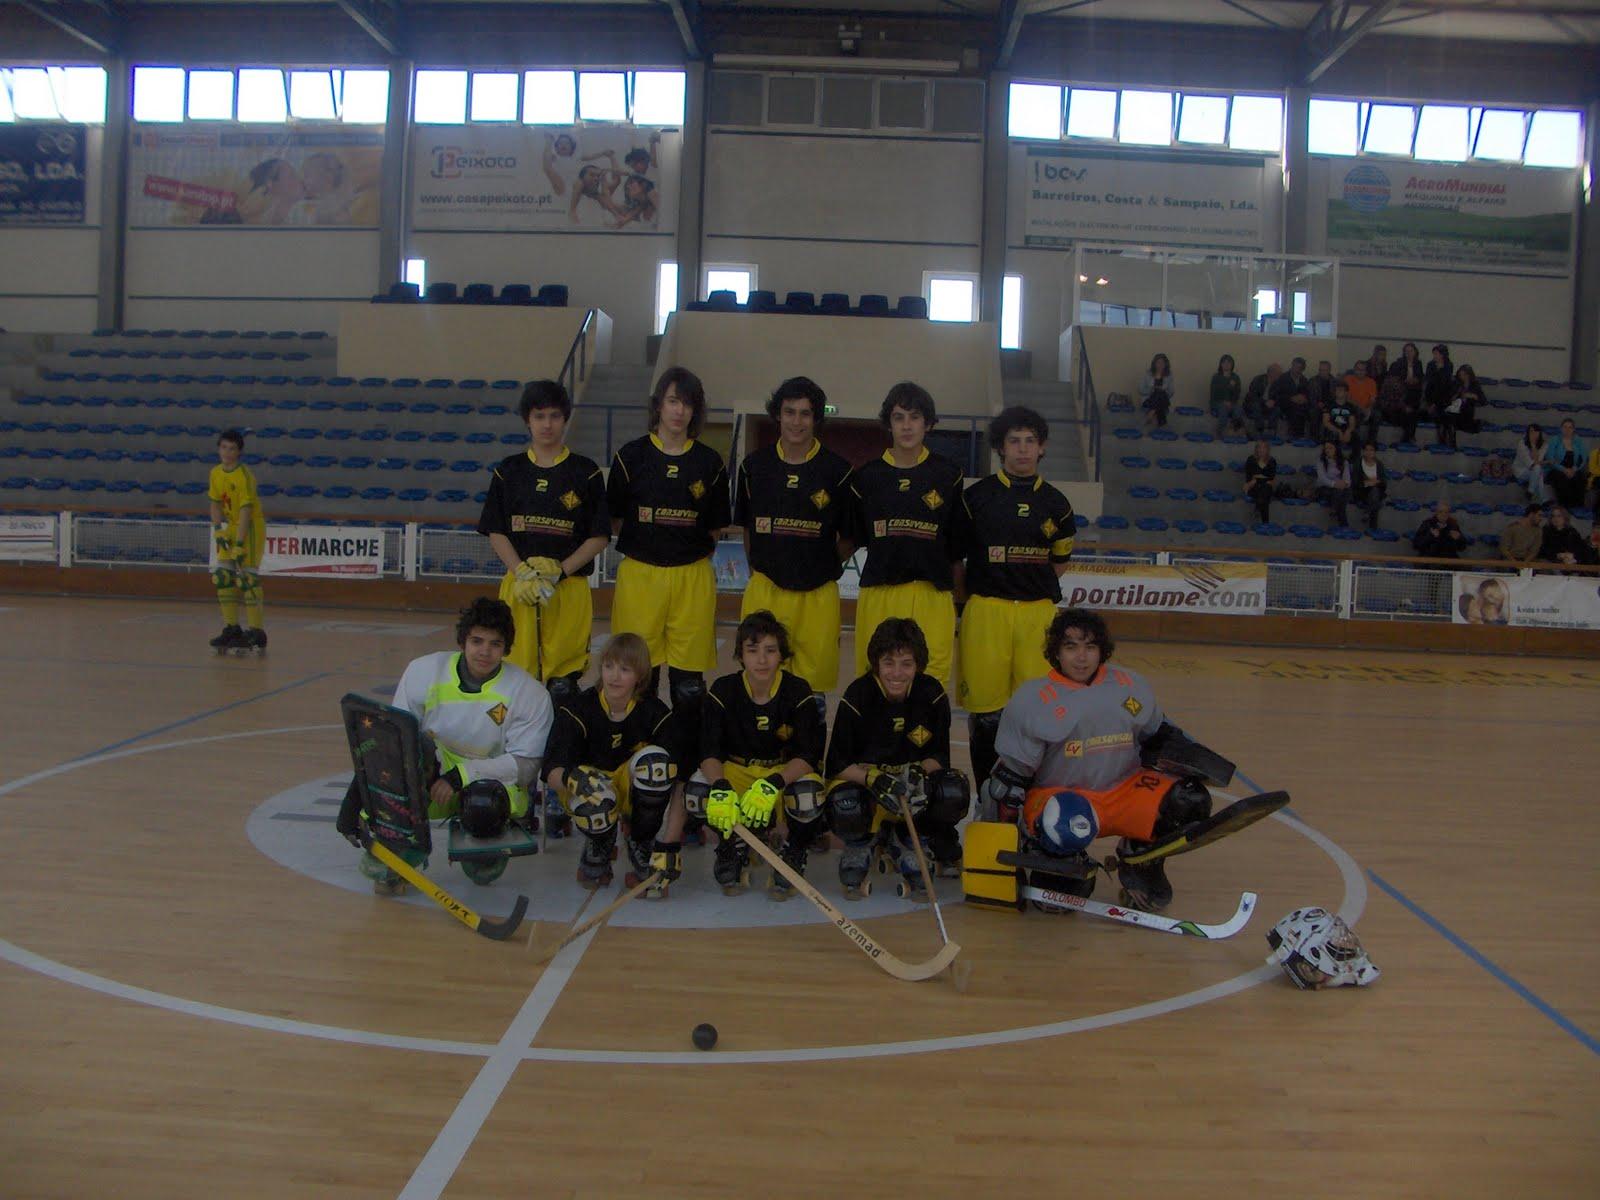 Escola desportiva de viana 01 04 2010 01 05 2010 - Lade bz ...